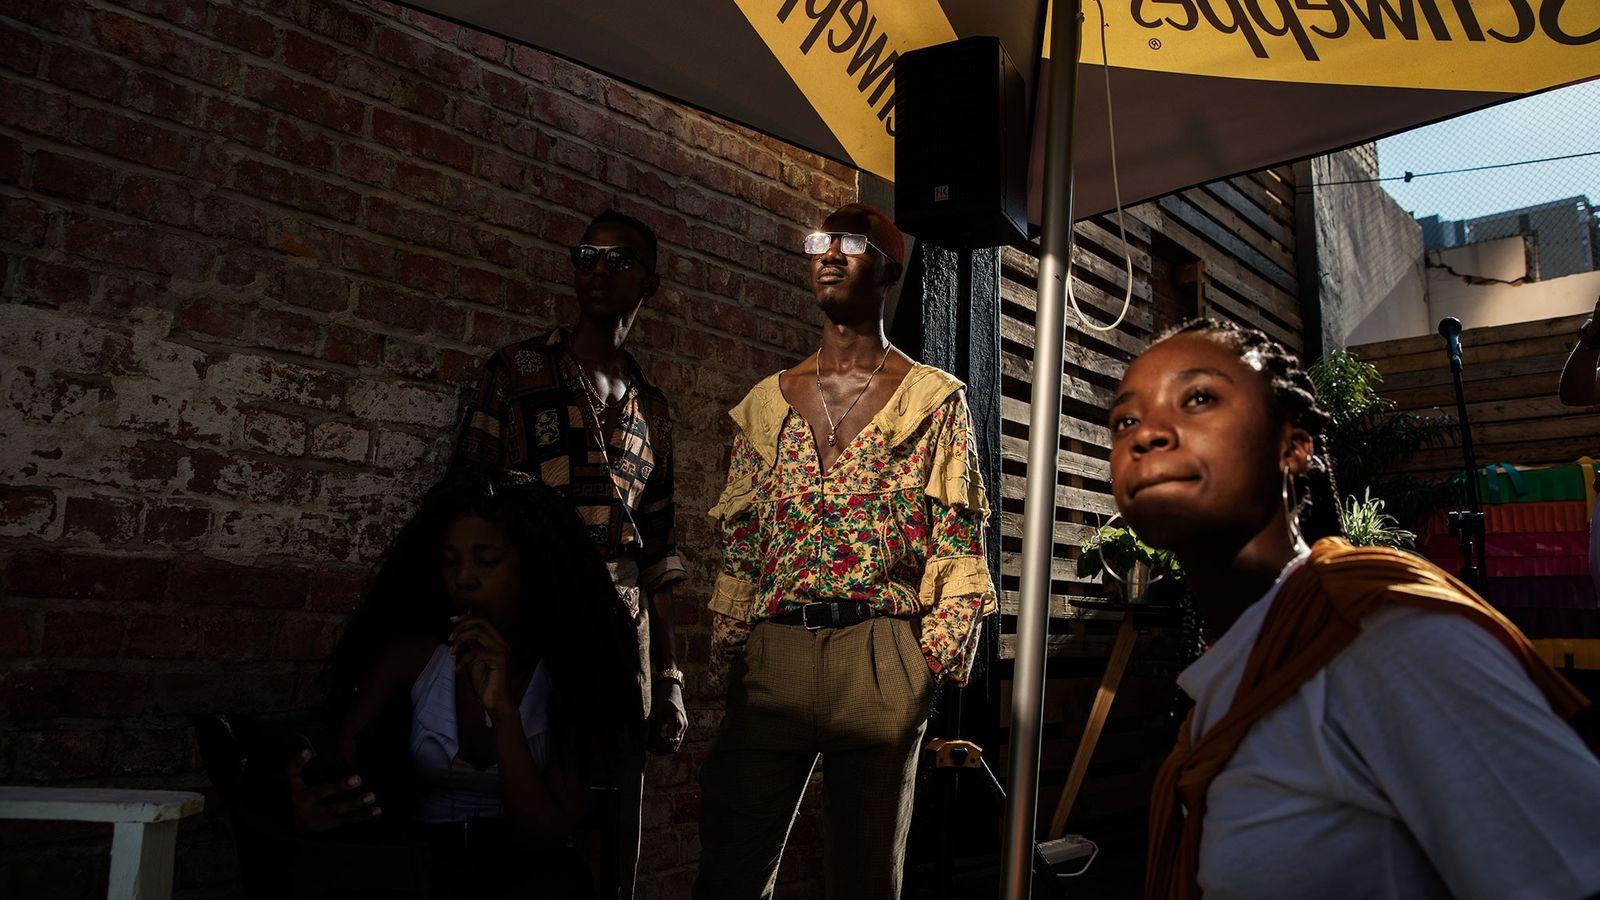 Des membres du collectif de jeunes artistes « The Creatives, basé à Pretoria, assistent à une ...